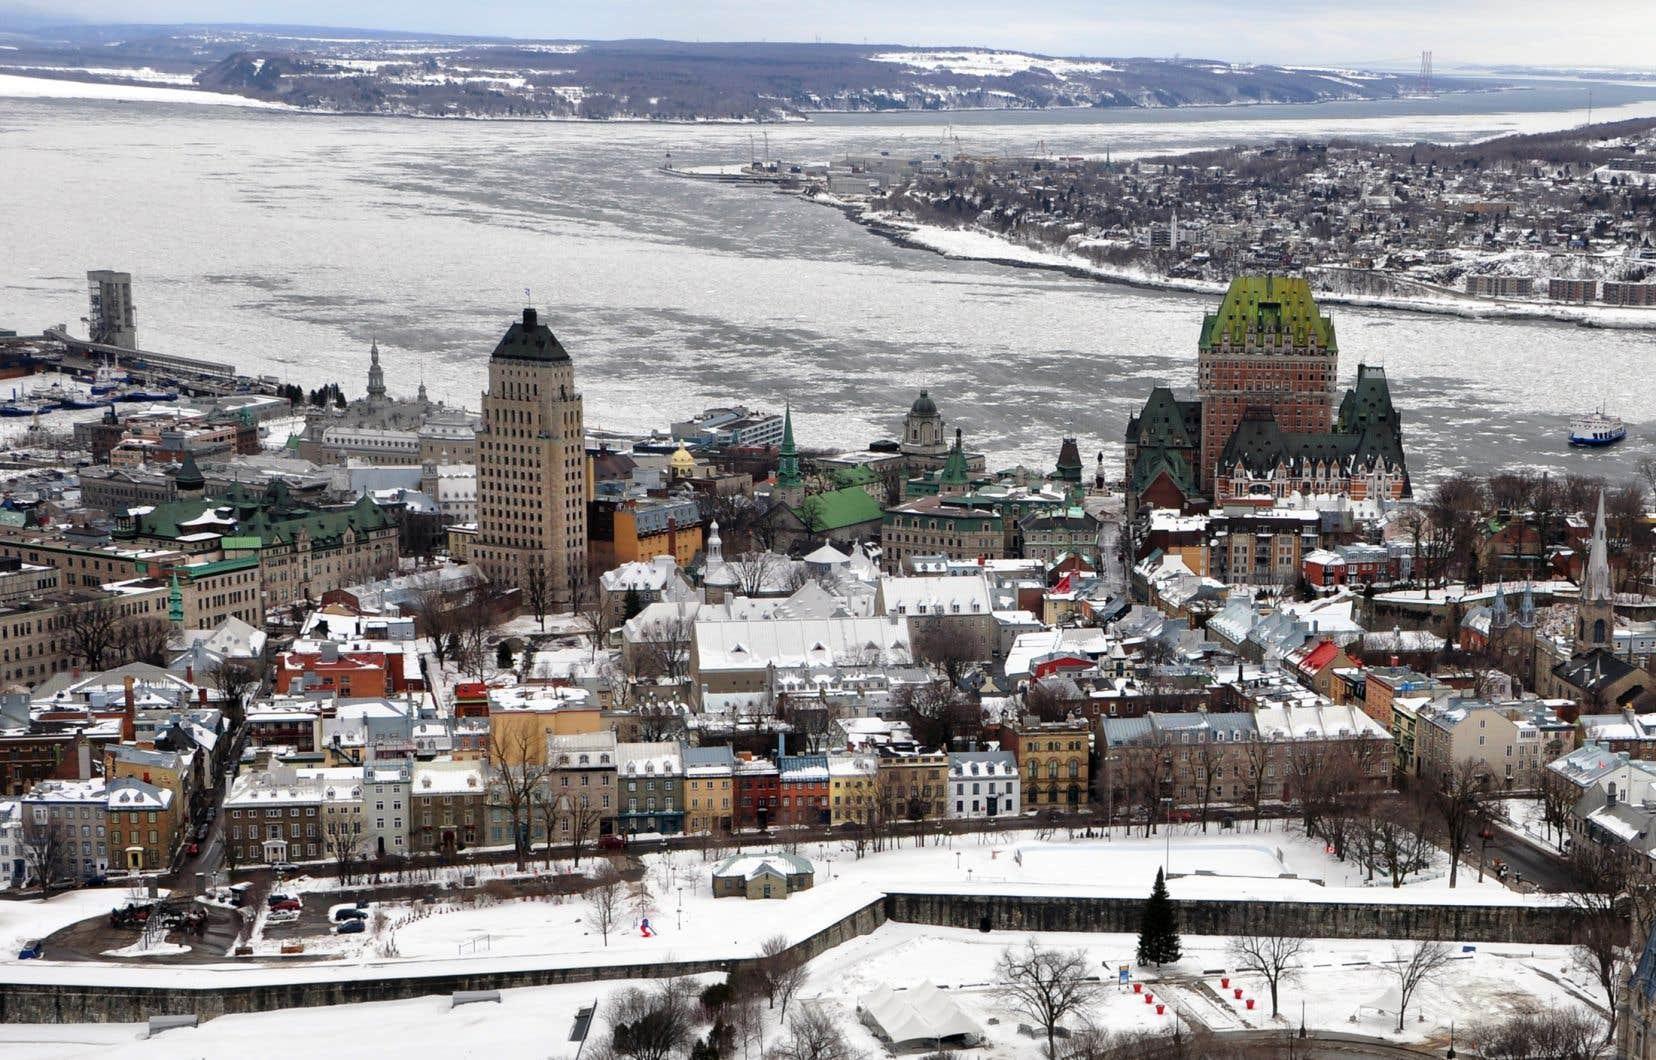 Le nouveau tracérelierait Québec et Lévis à partir de leurs centre-villes respectifs plutôt que de passer par l'Est.